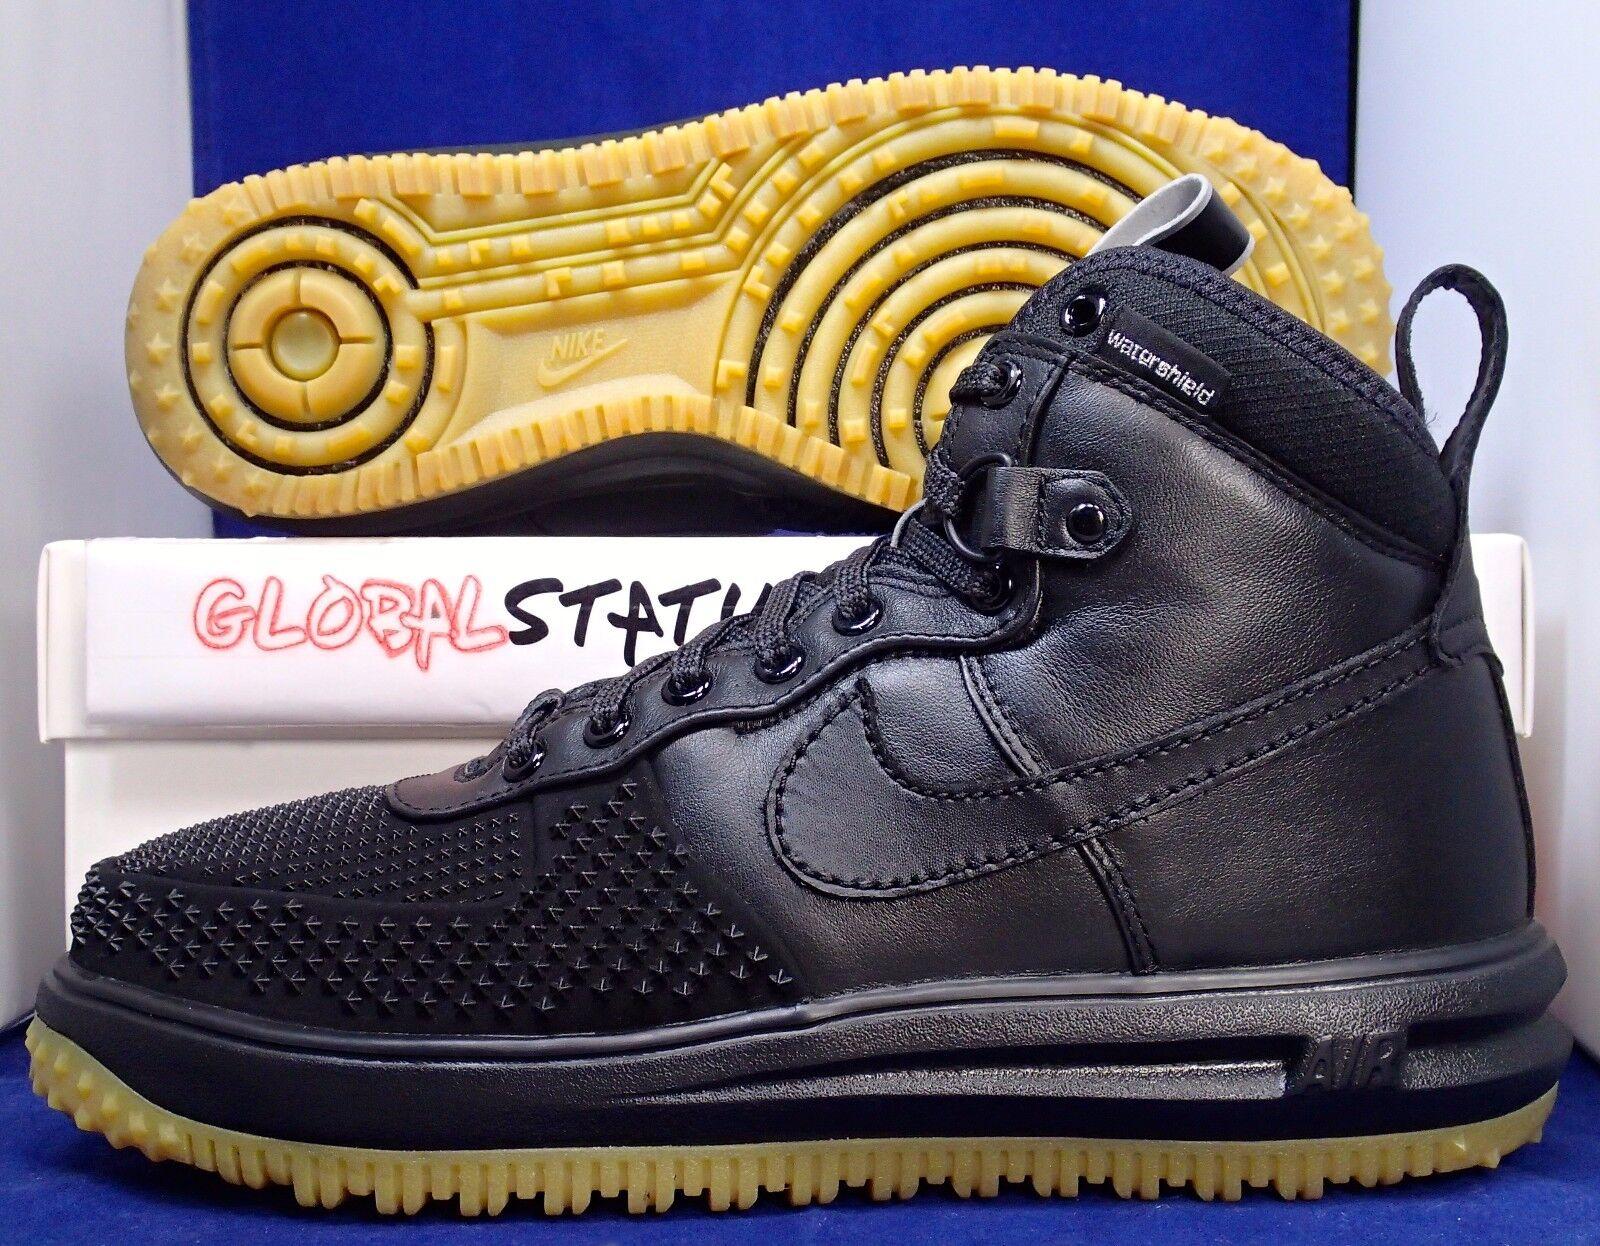 Uomo nike lunar vigore 1 duckboot chewingum nero scudo scarpe 805899 003 dimensioni, 8